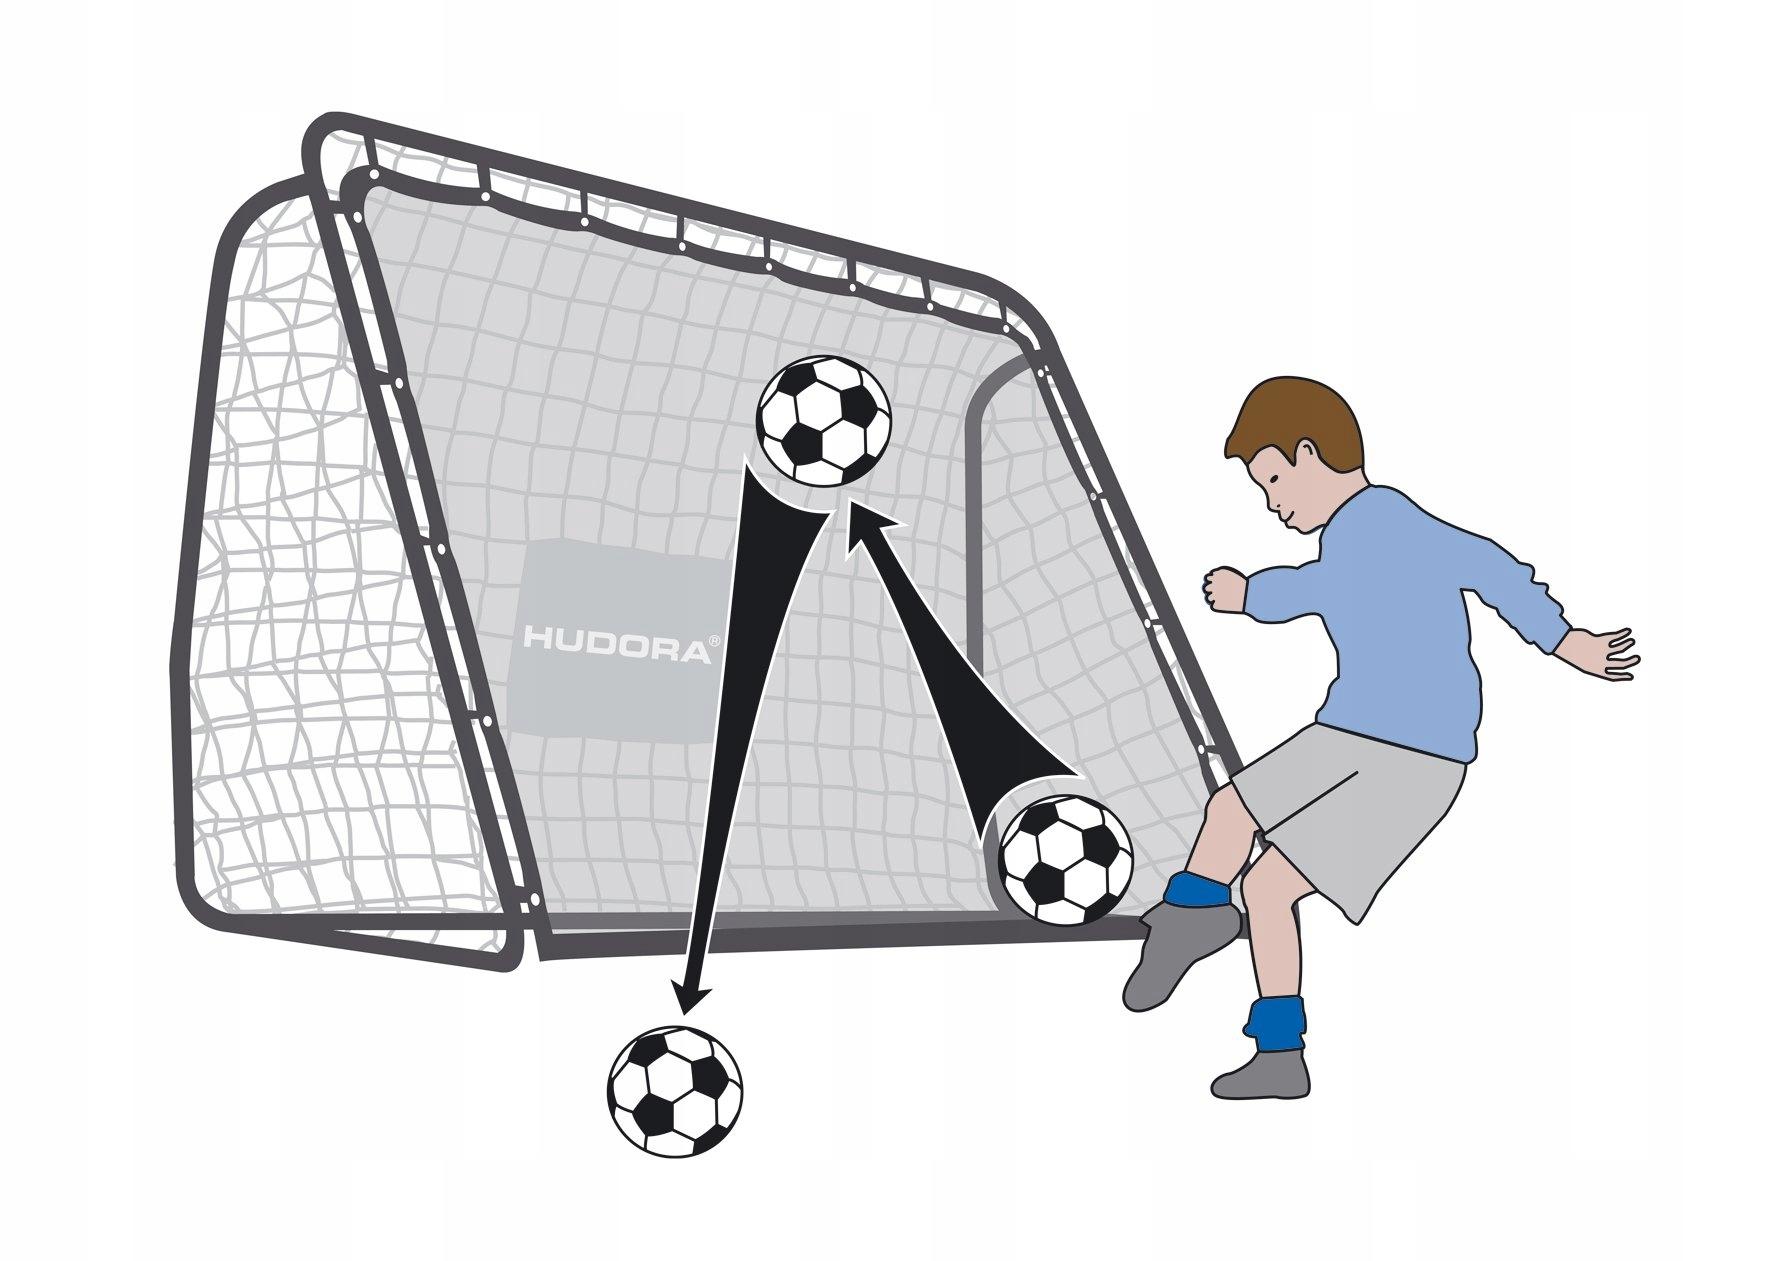 2V1 + rebrózne futbalový gól + Hudora Grid